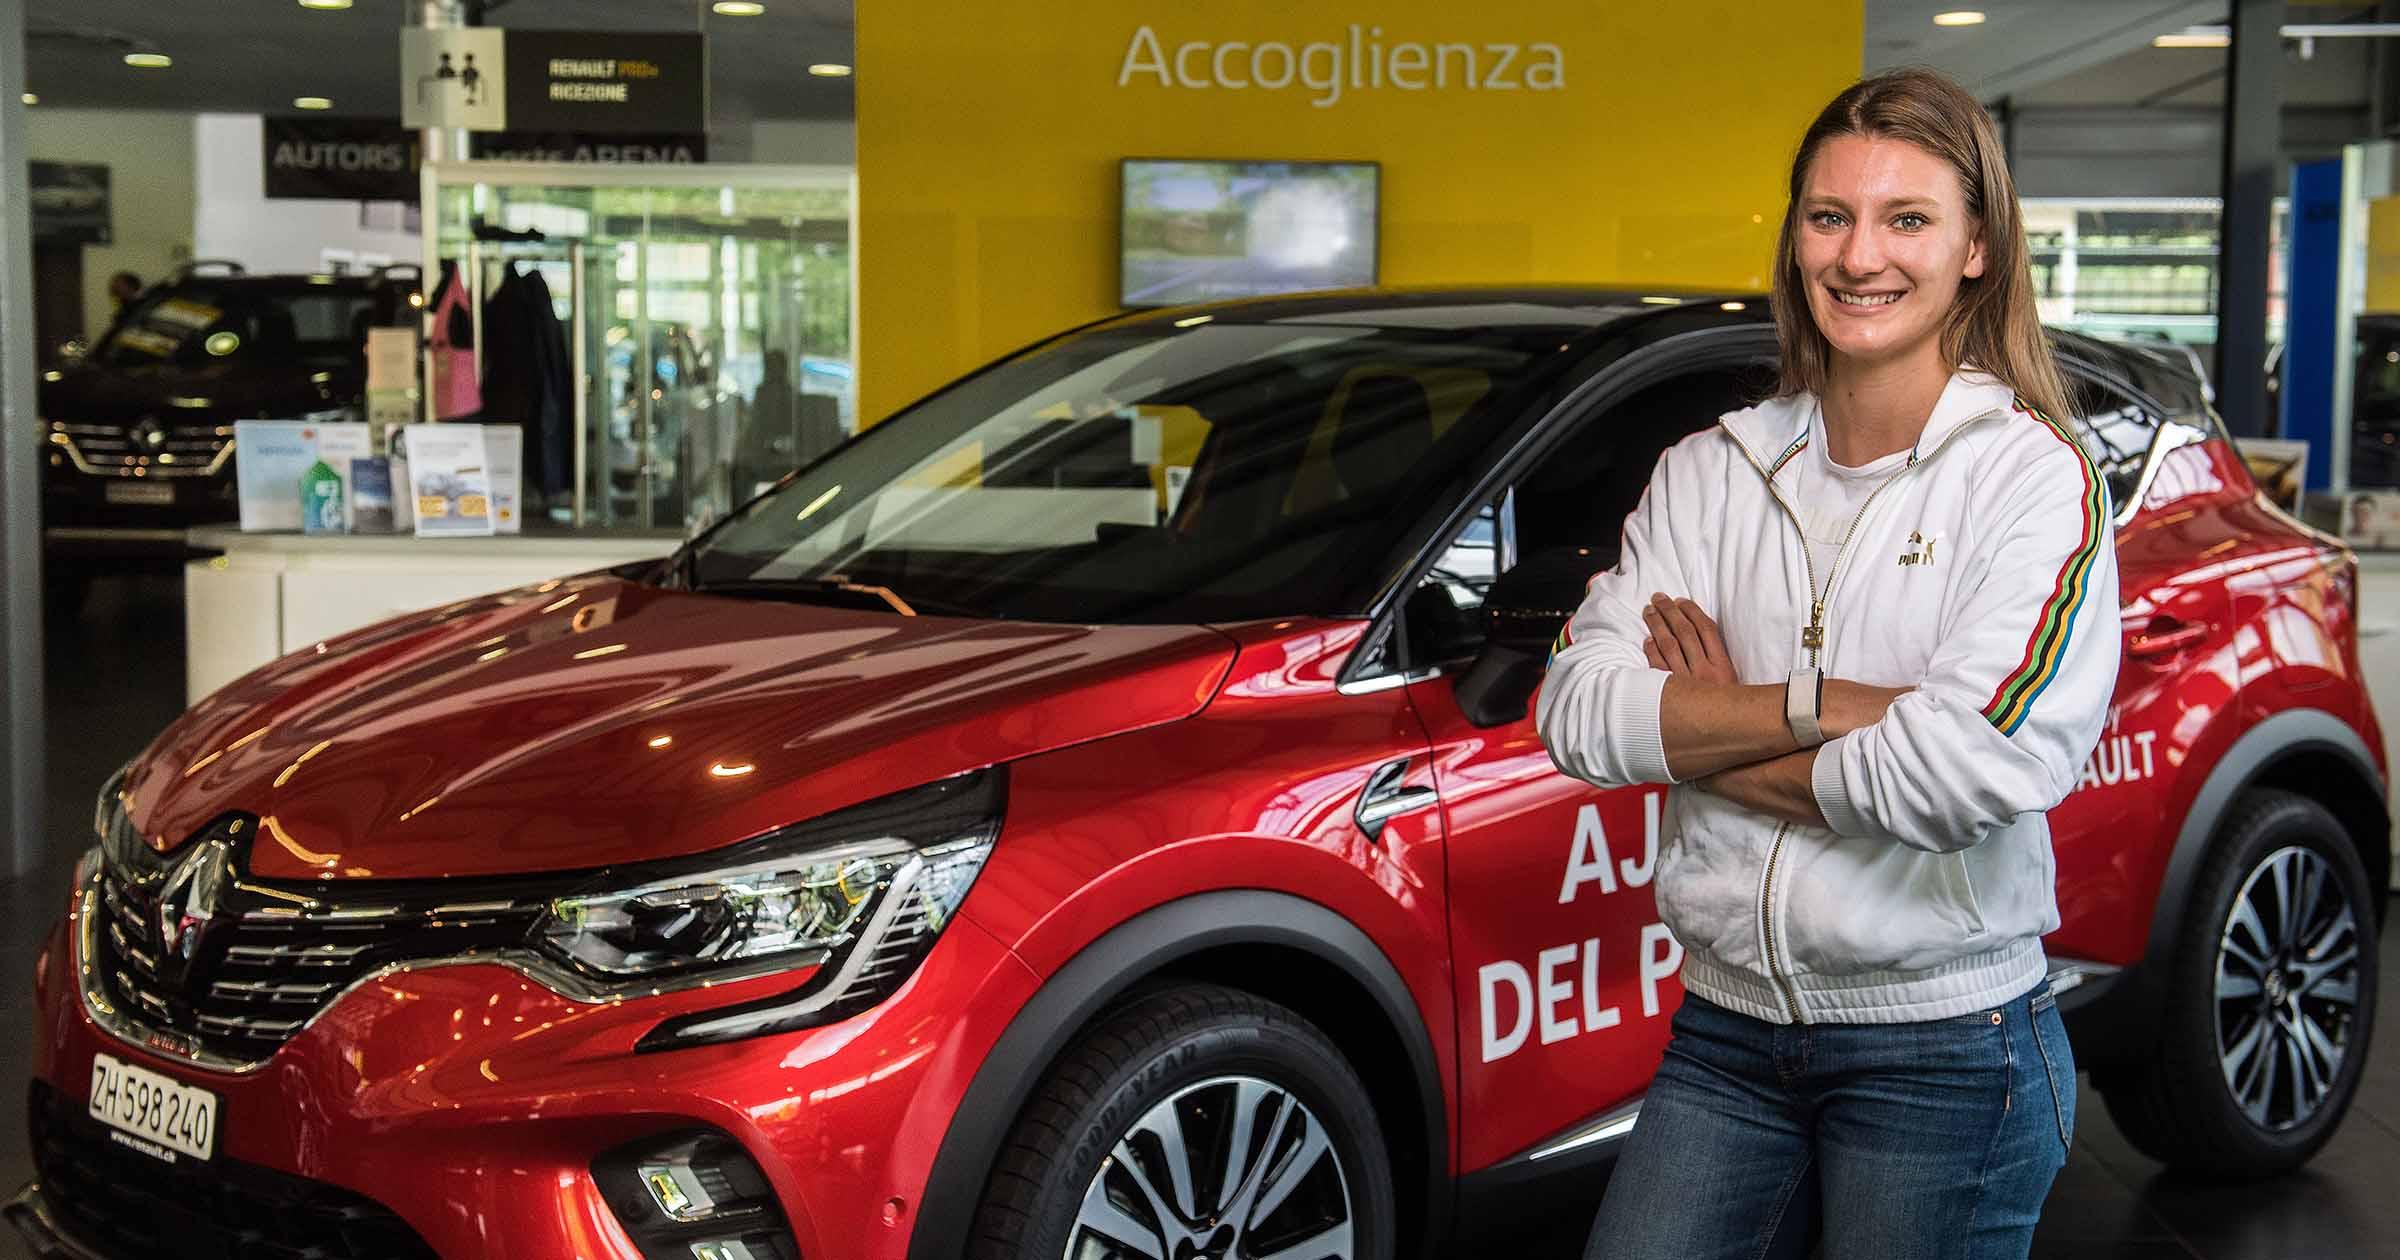 Consegna Ajla Del Ponte Ambassador Renault